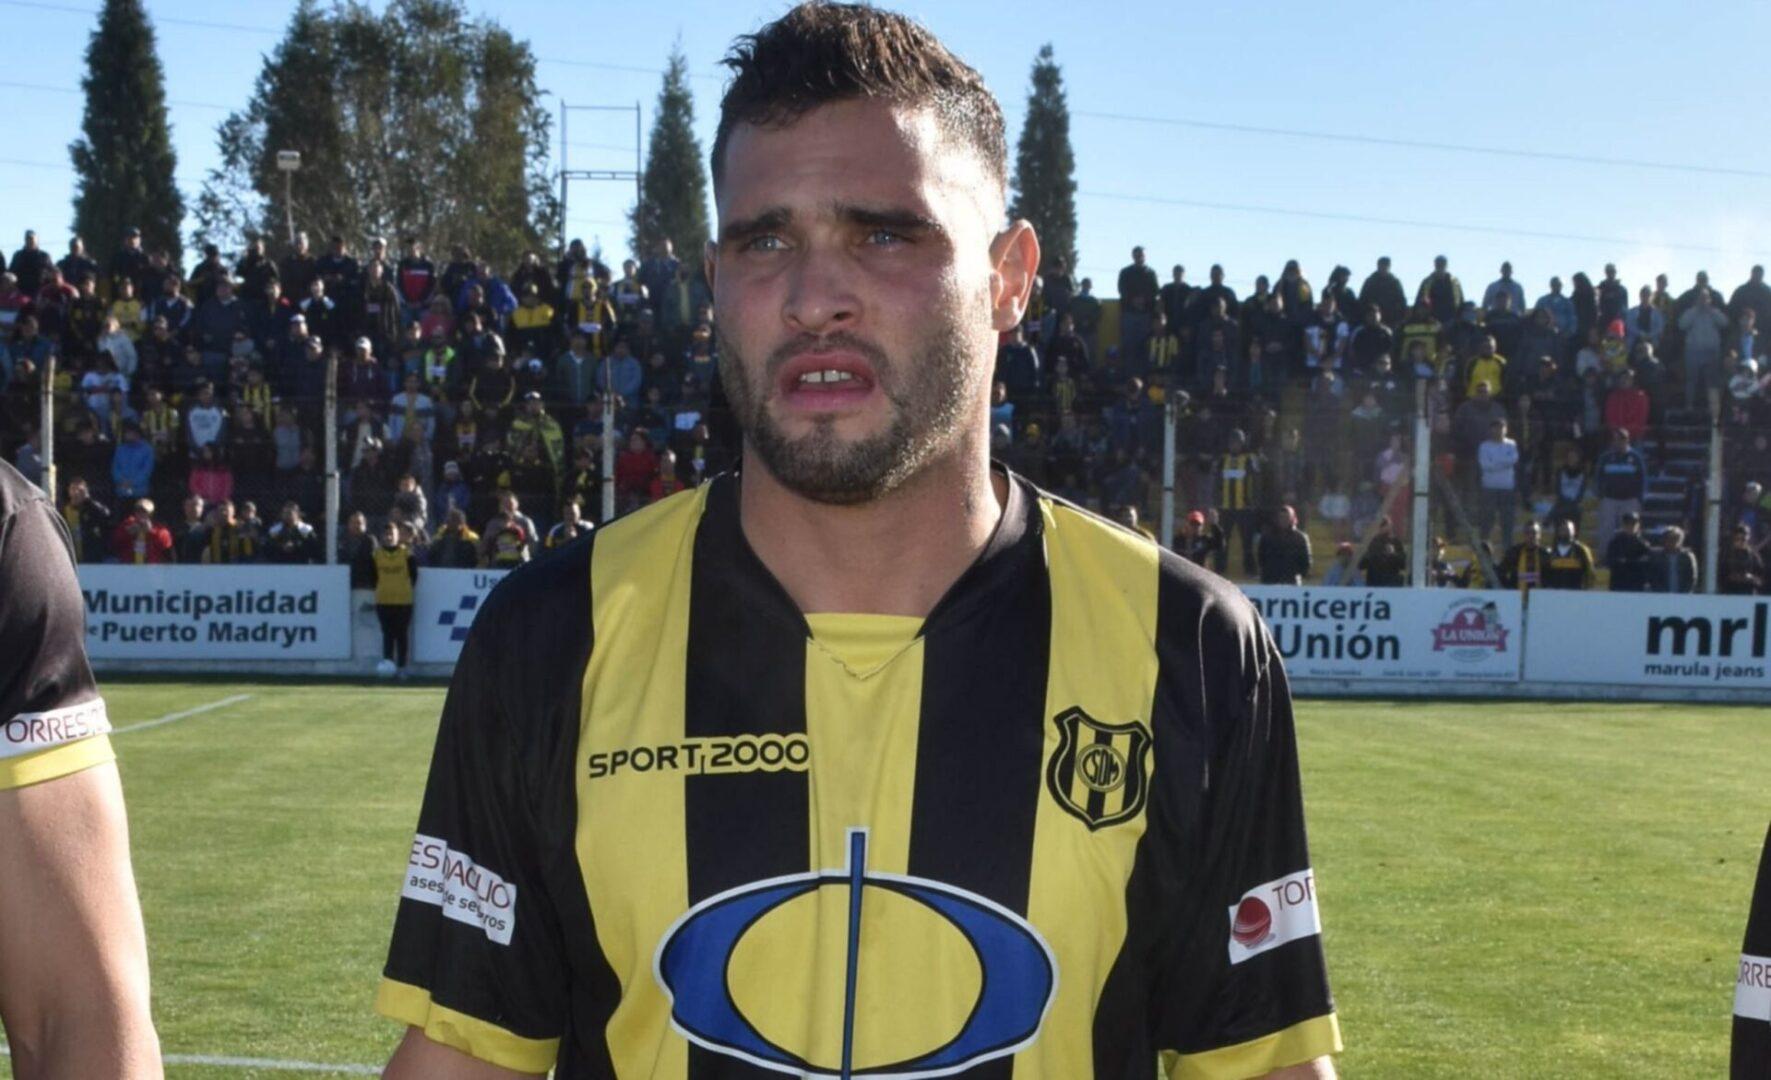 Fabio Rodrigo Giménez